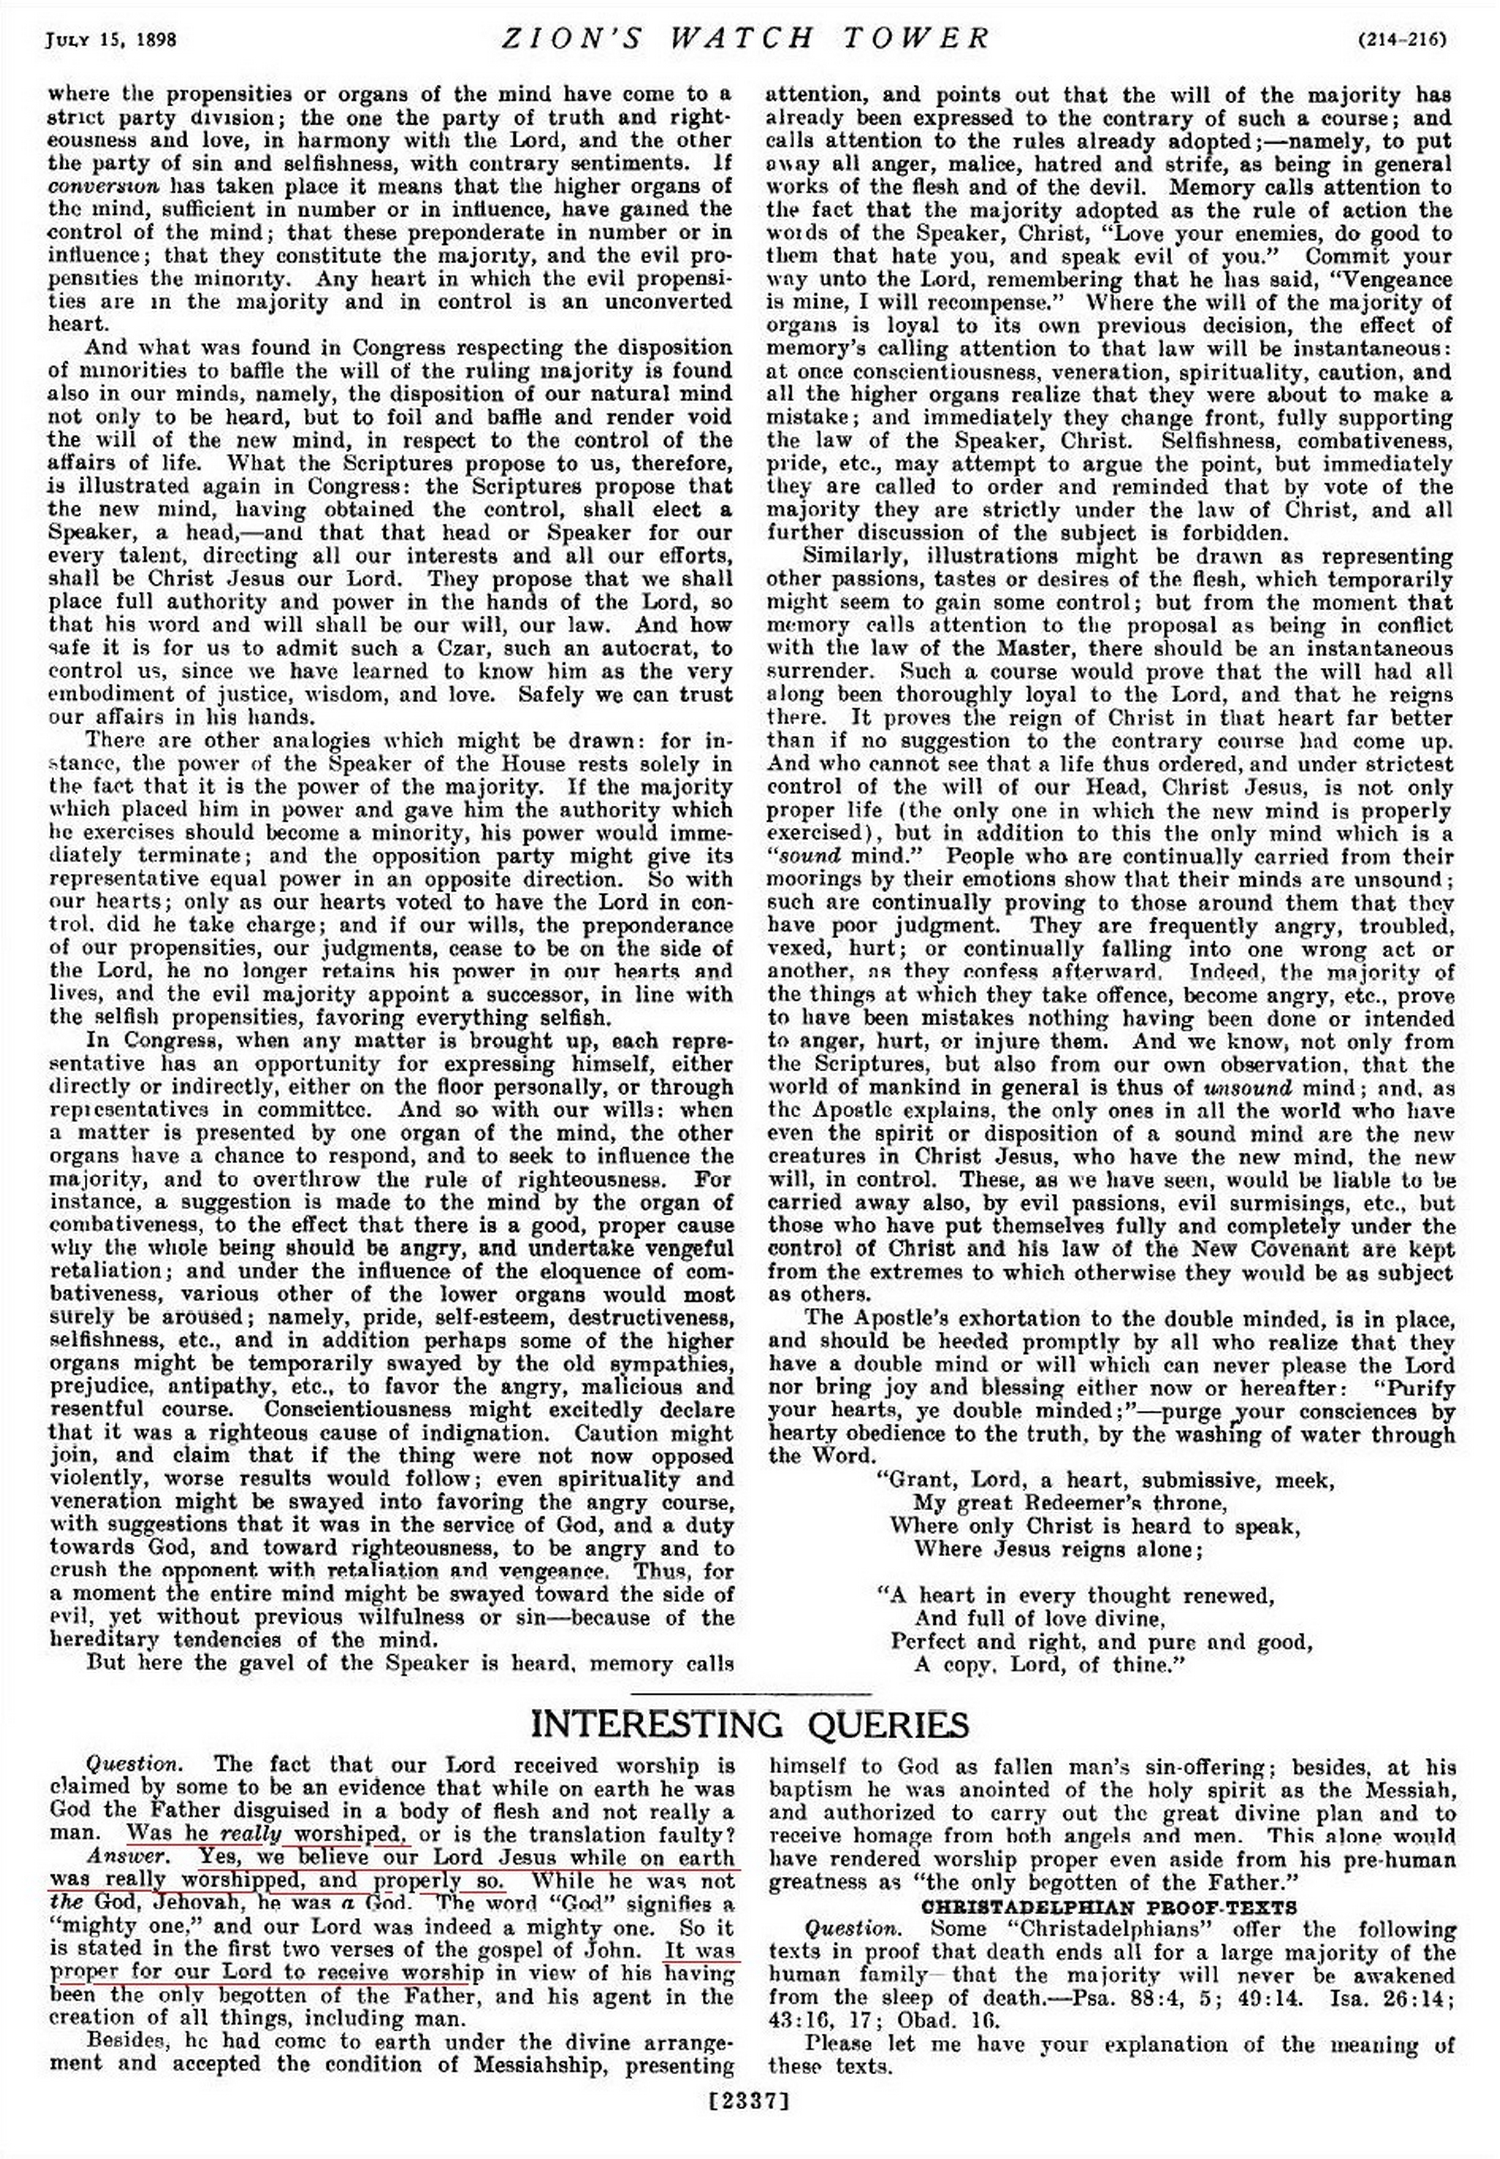 La Bible des témoins de Jéhovah...modifiée pourquoi ?  WT_July_15_1898_2337